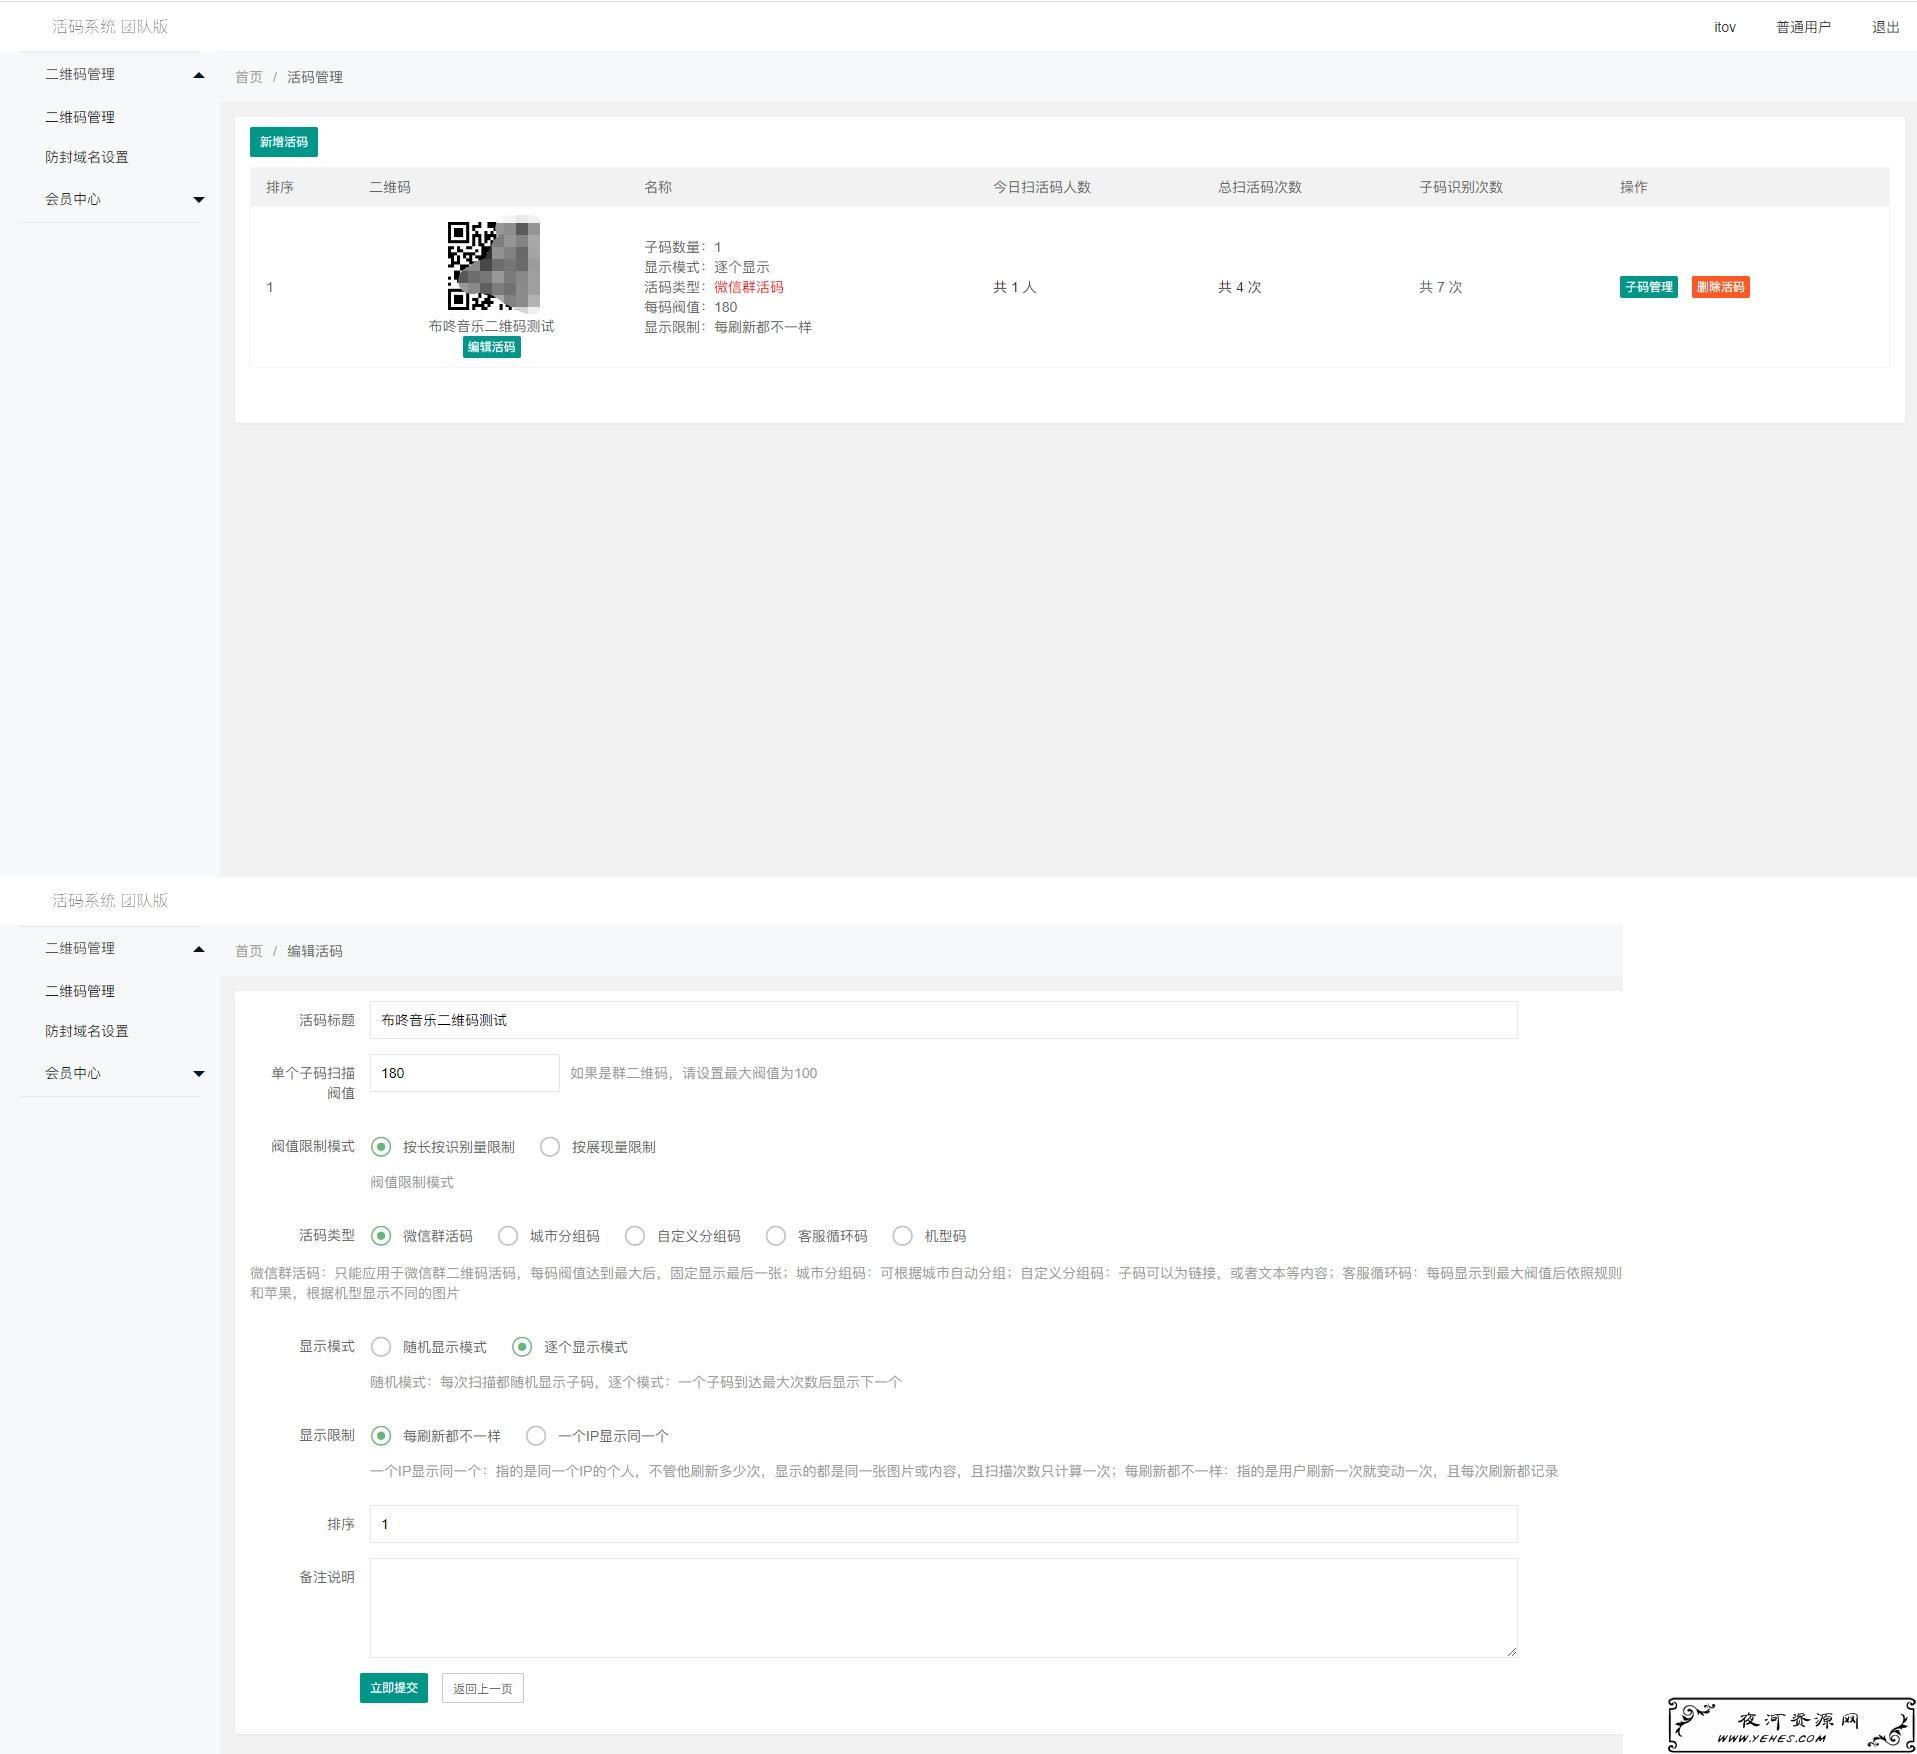 微信裂变活码工具源码、活码系统源码、微信解除扫码人数限制程序源码